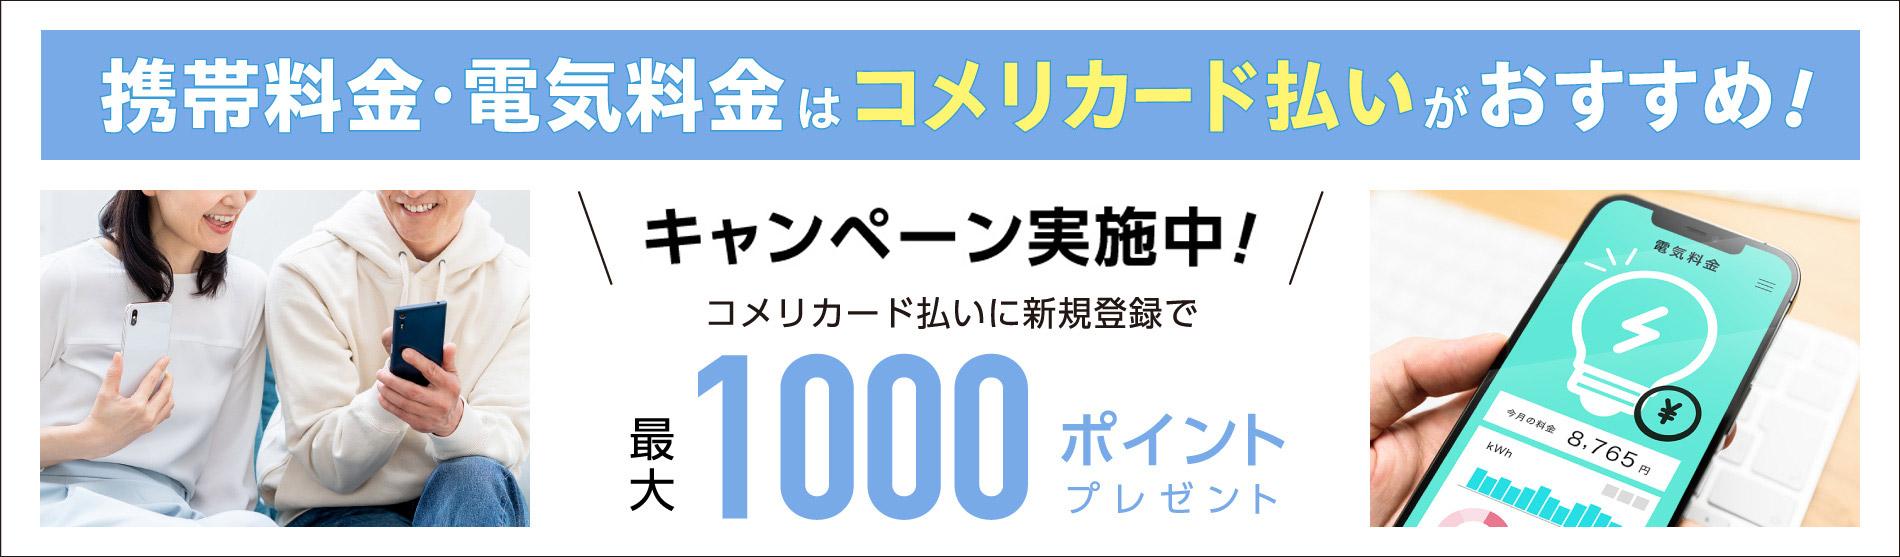 携帯電話・電気料金キャンペーン